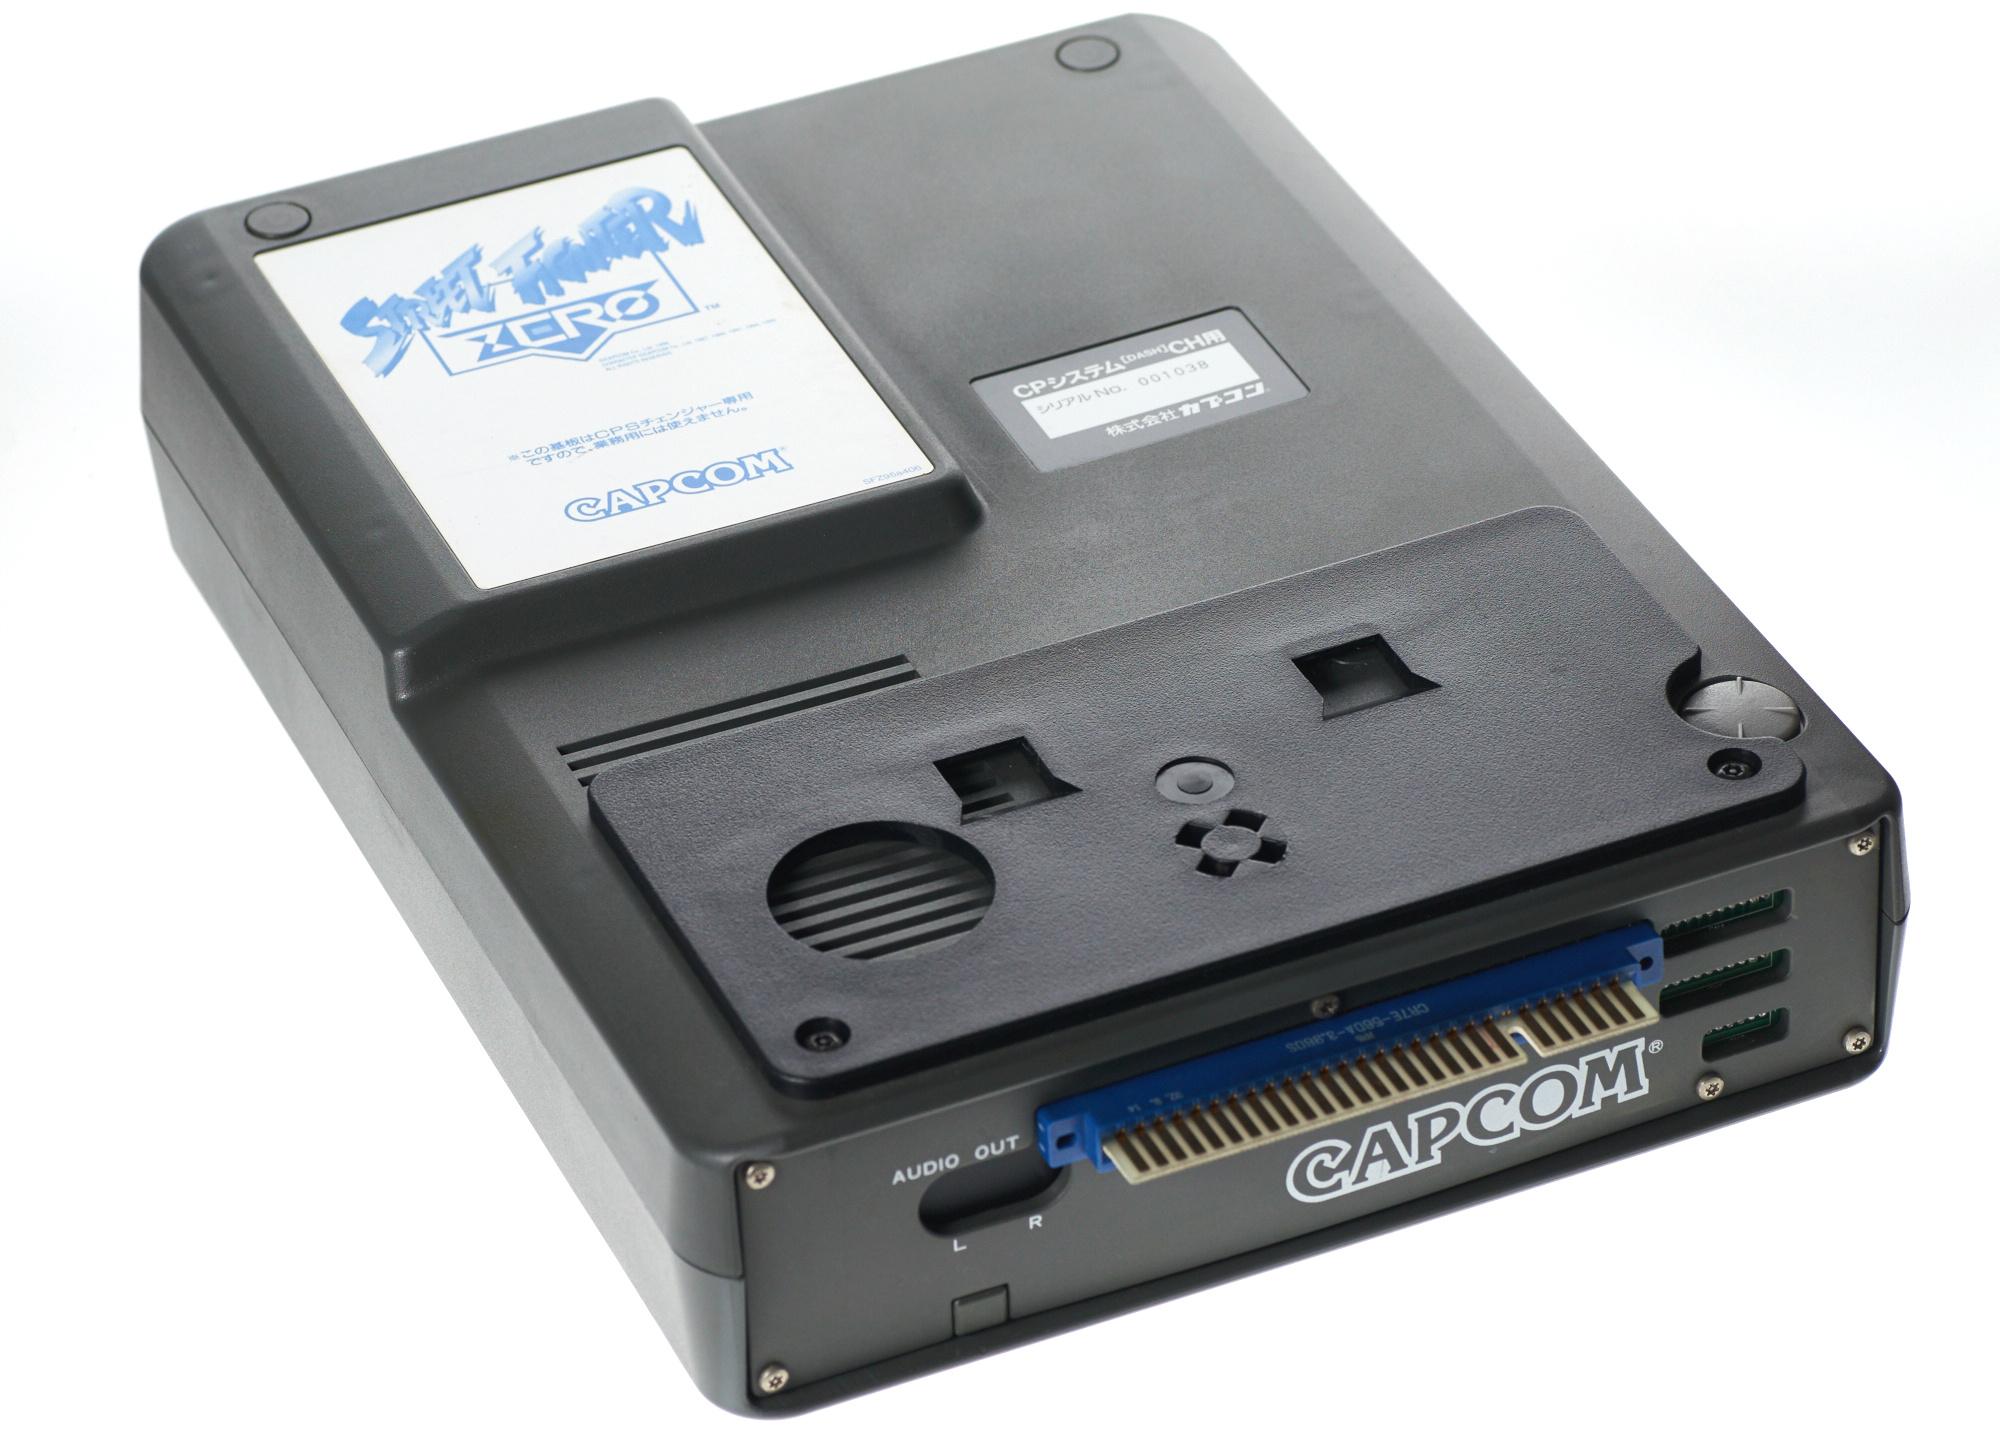 capcom play system iii emulator